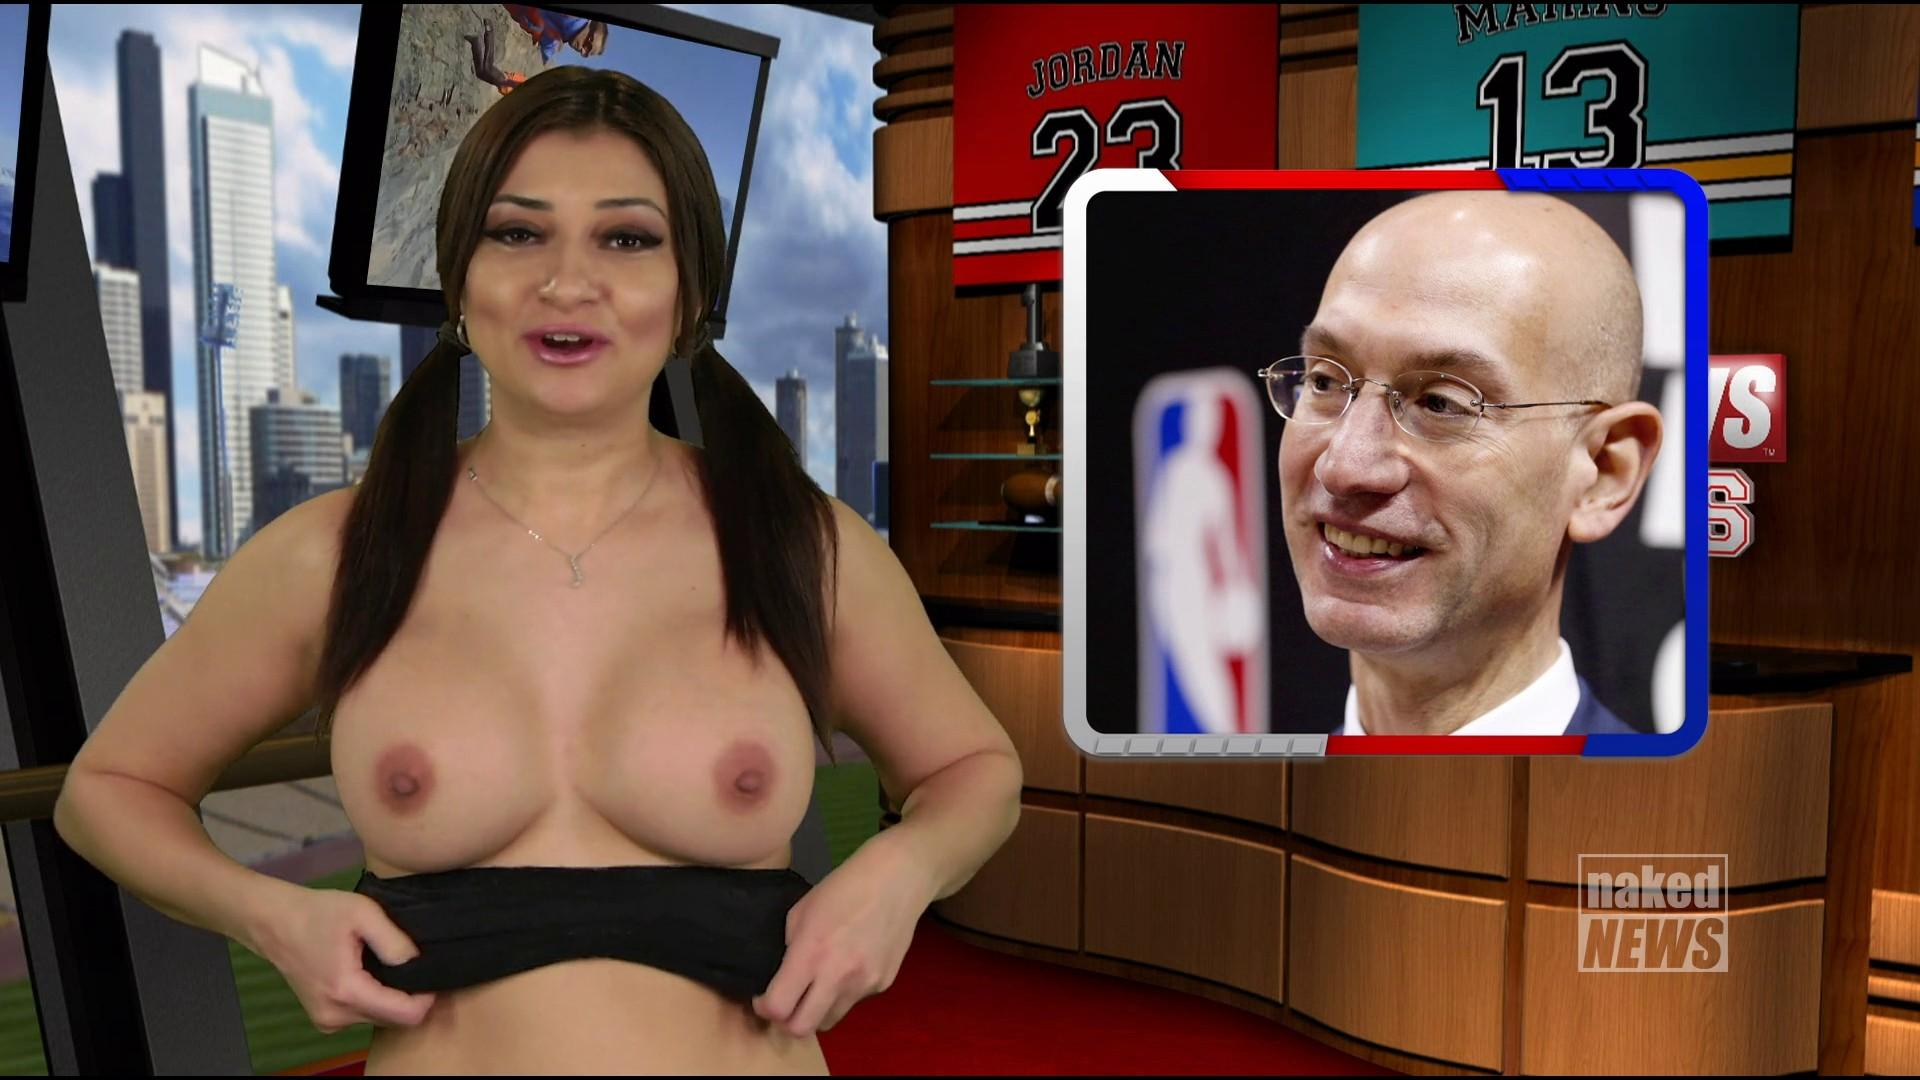 【悲報】海外の女子アナさん、全裸報道で視聴率を稼ぐwwwwwwwwwwww(画像あり)・3枚目